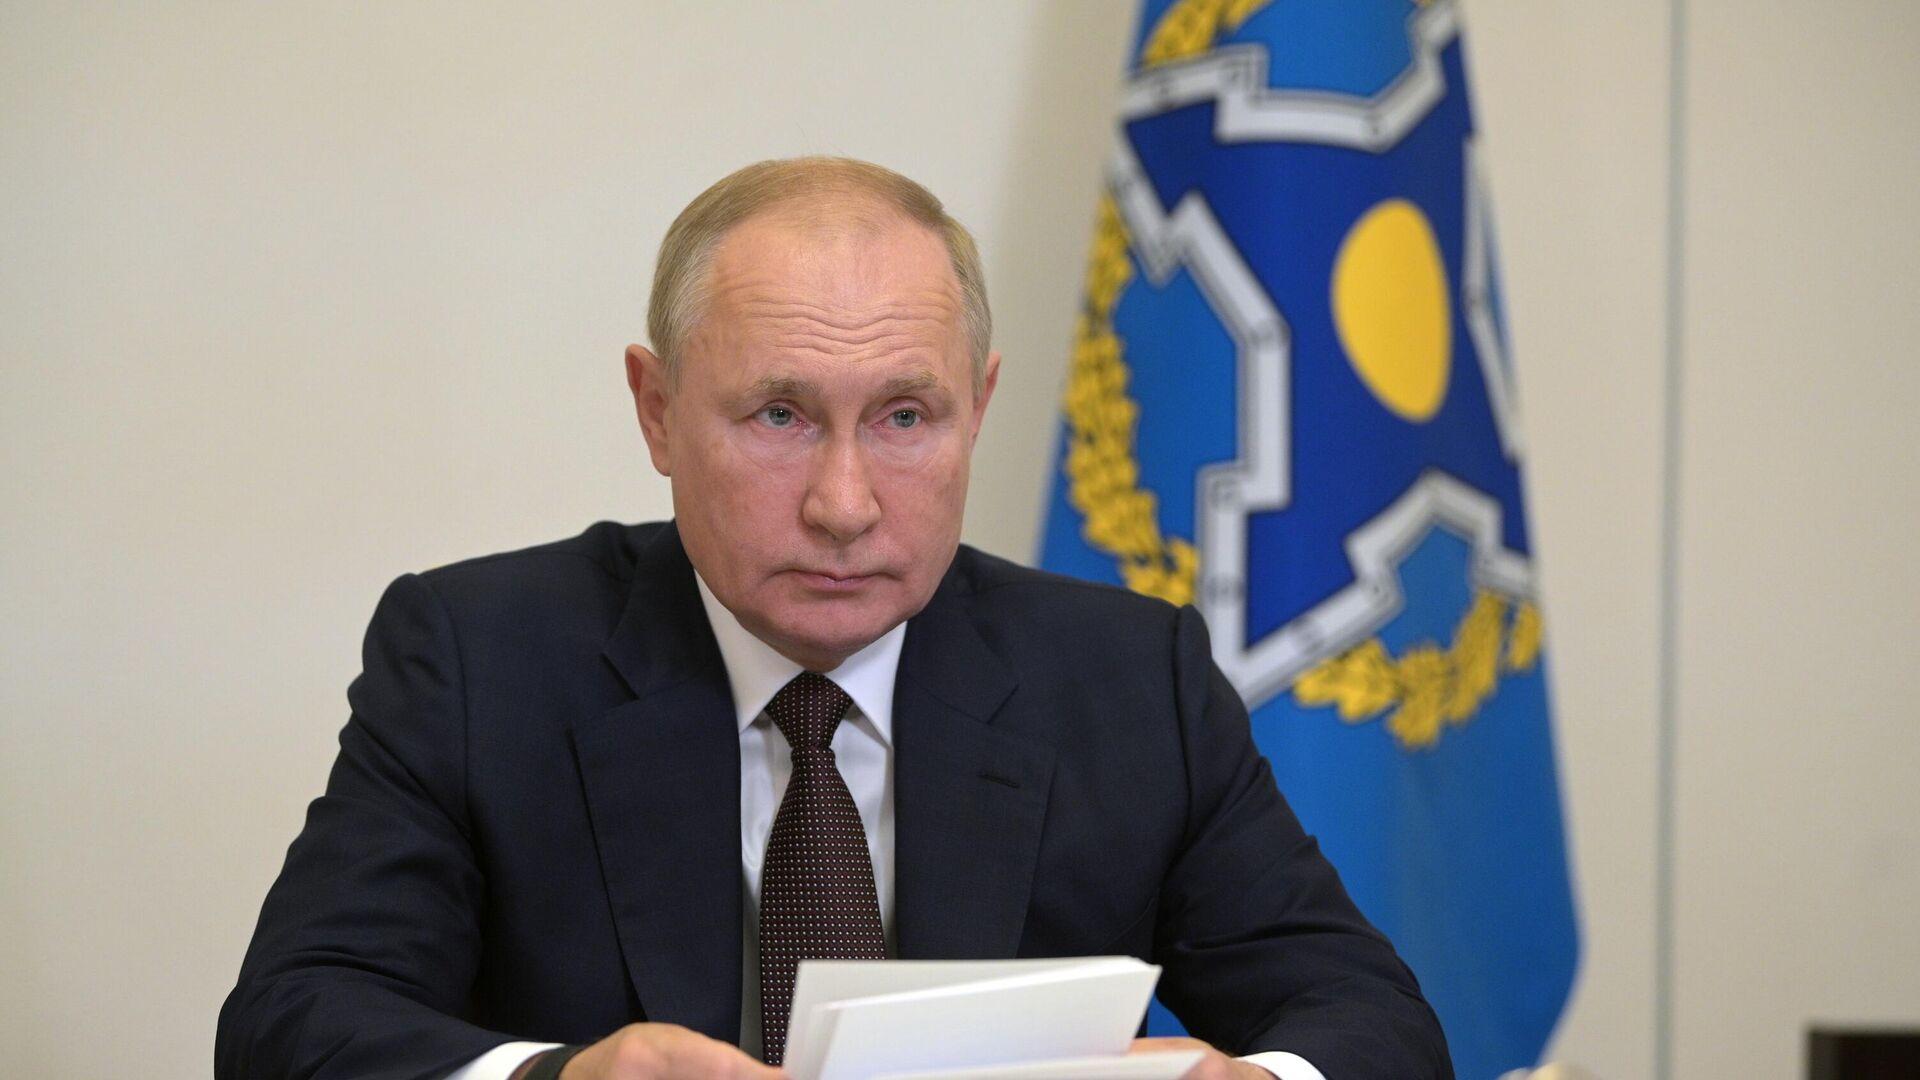 Президент РФ Владимир Путин в режиме видеоконференции принимает участие в заседании лидеров стран ОДКБ - РИА Новости, 1920, 16.09.2021